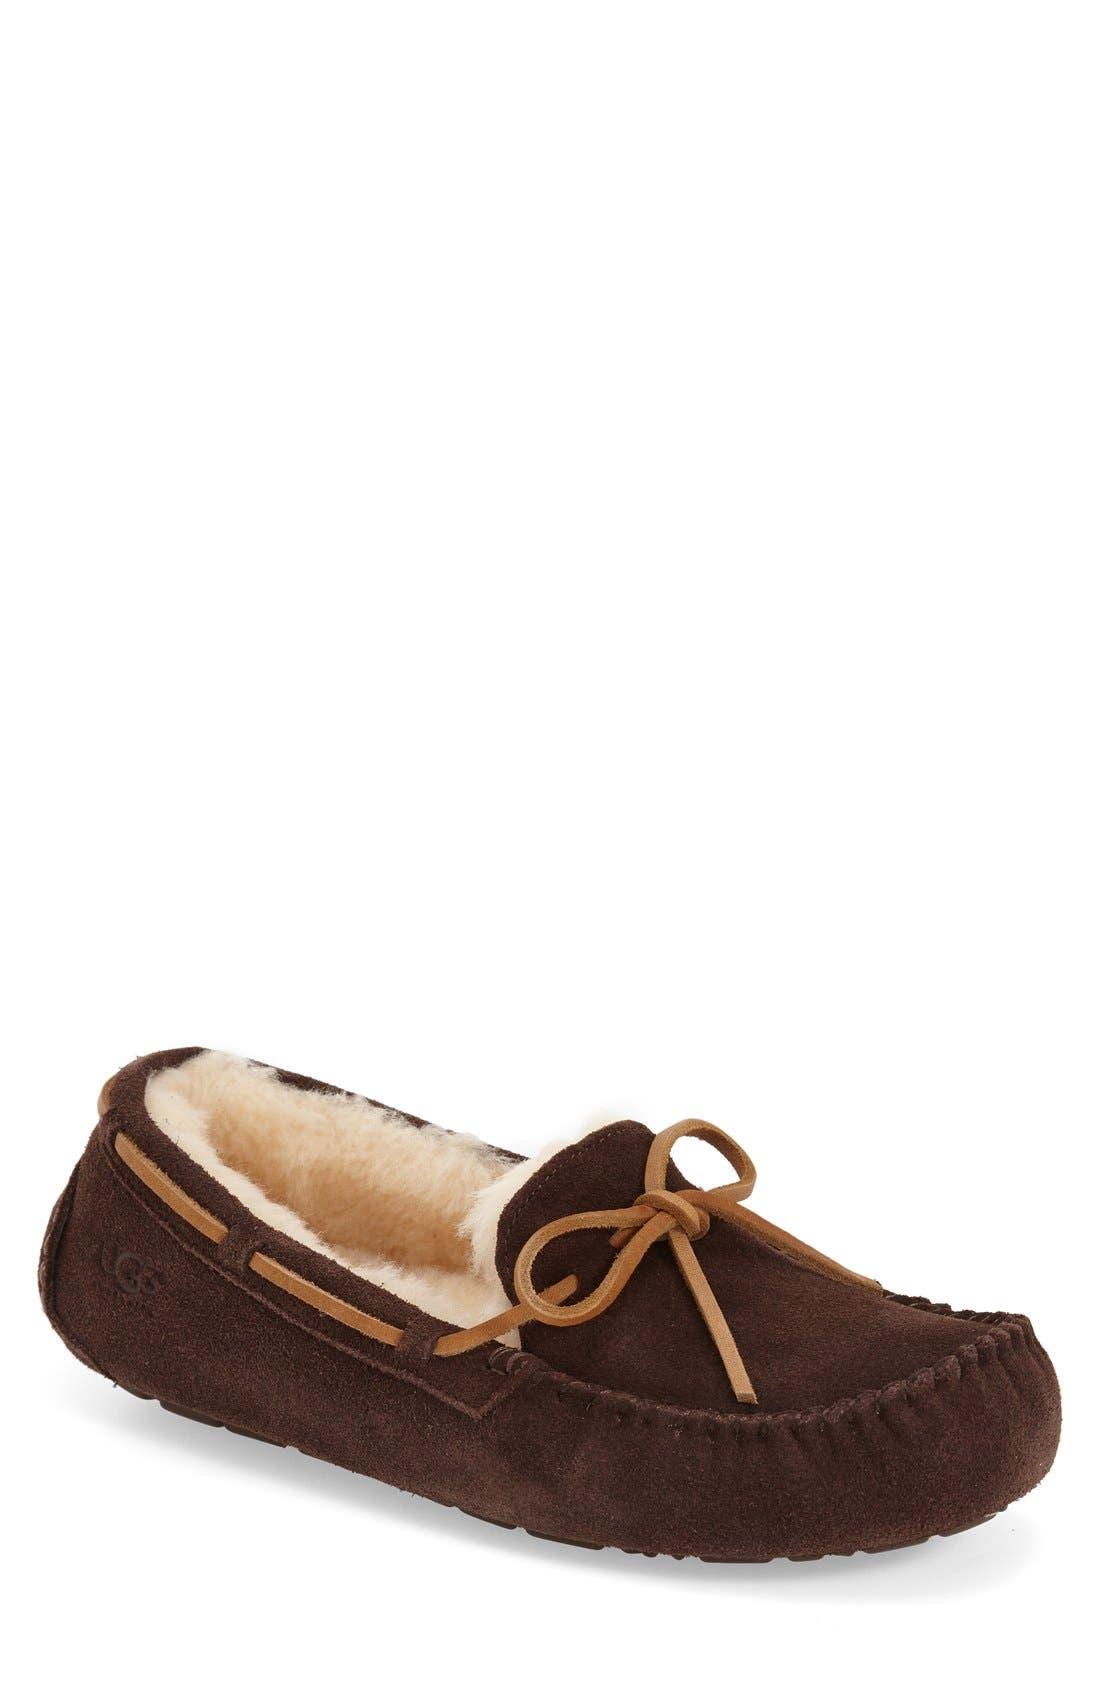 Main Image - UGG® 'Olsen' Moccasin Slipper (Men)